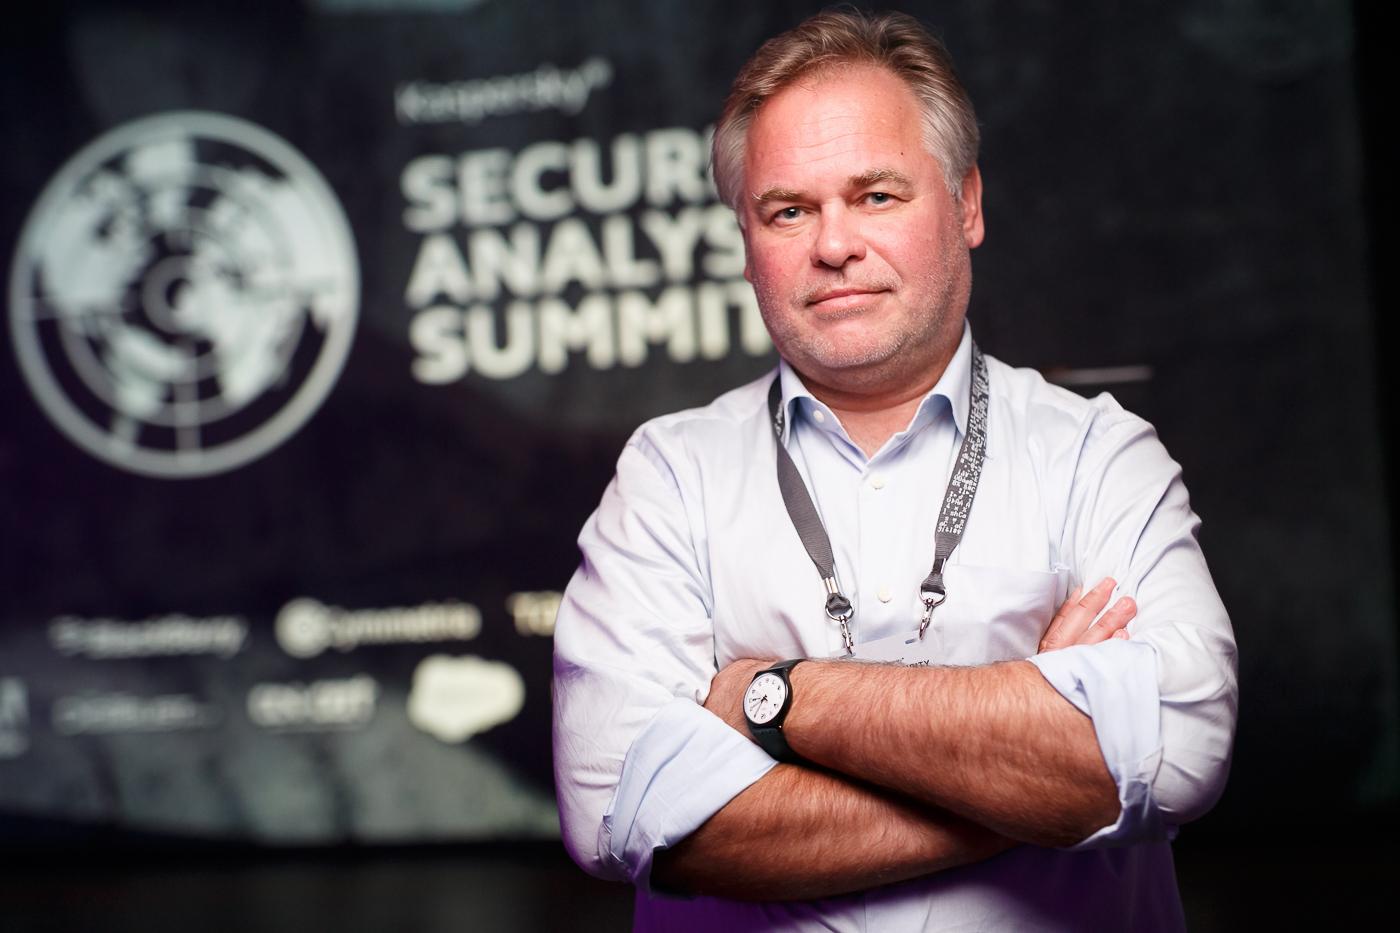 Cyberminacce degli hacker per i sistemi bancari internazionali